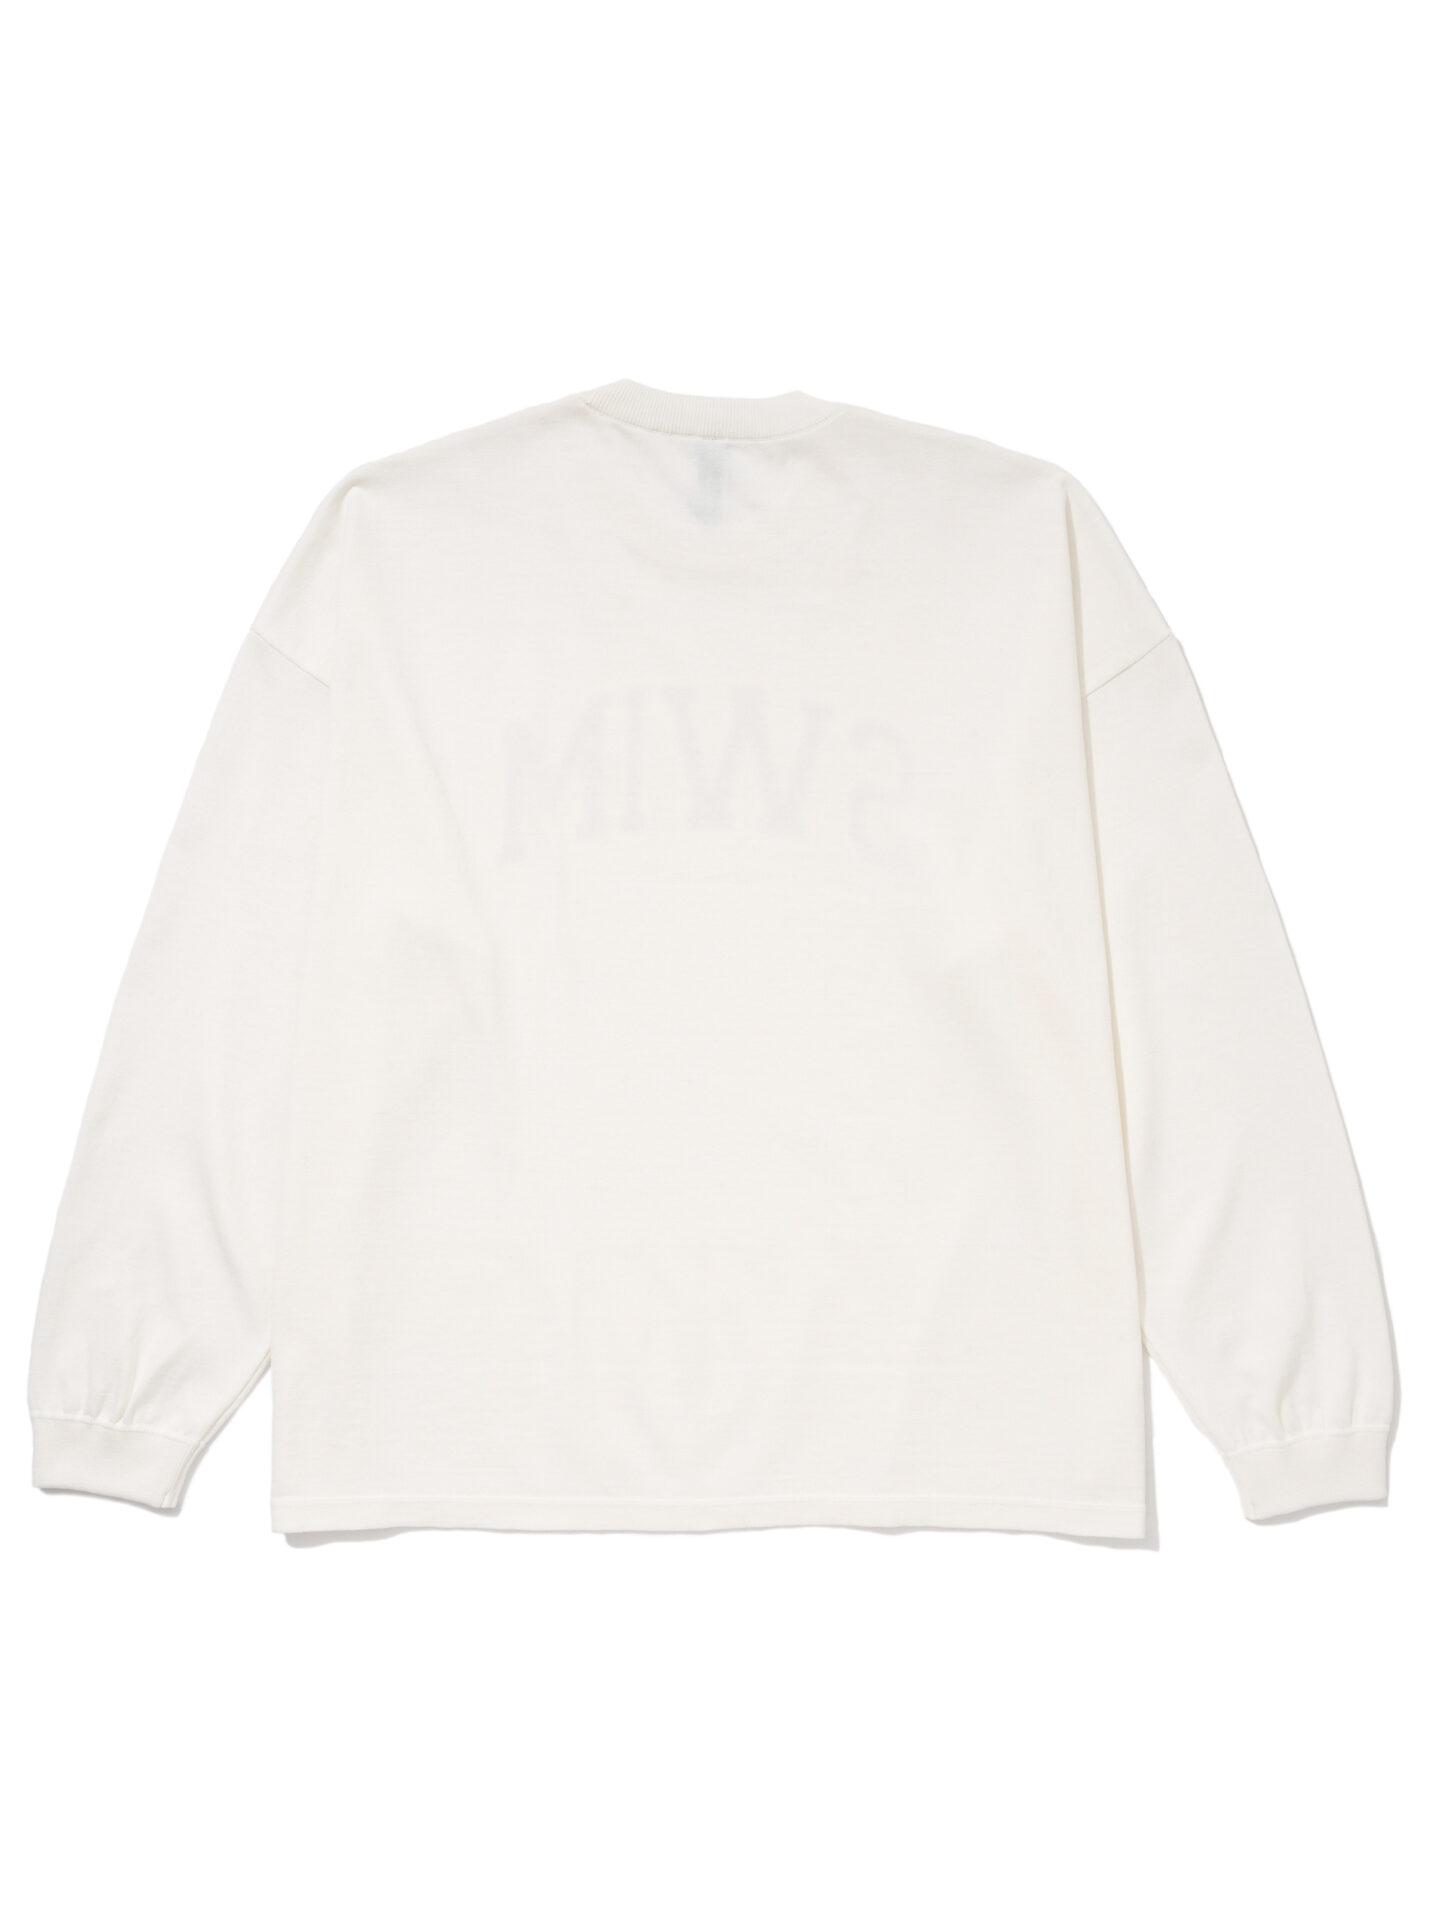 """【超撥水】オーガニックコットン100%使用 最高級 カレッジスタイル""""SWIM""""ロゴ長袖Tシャツ -白"""